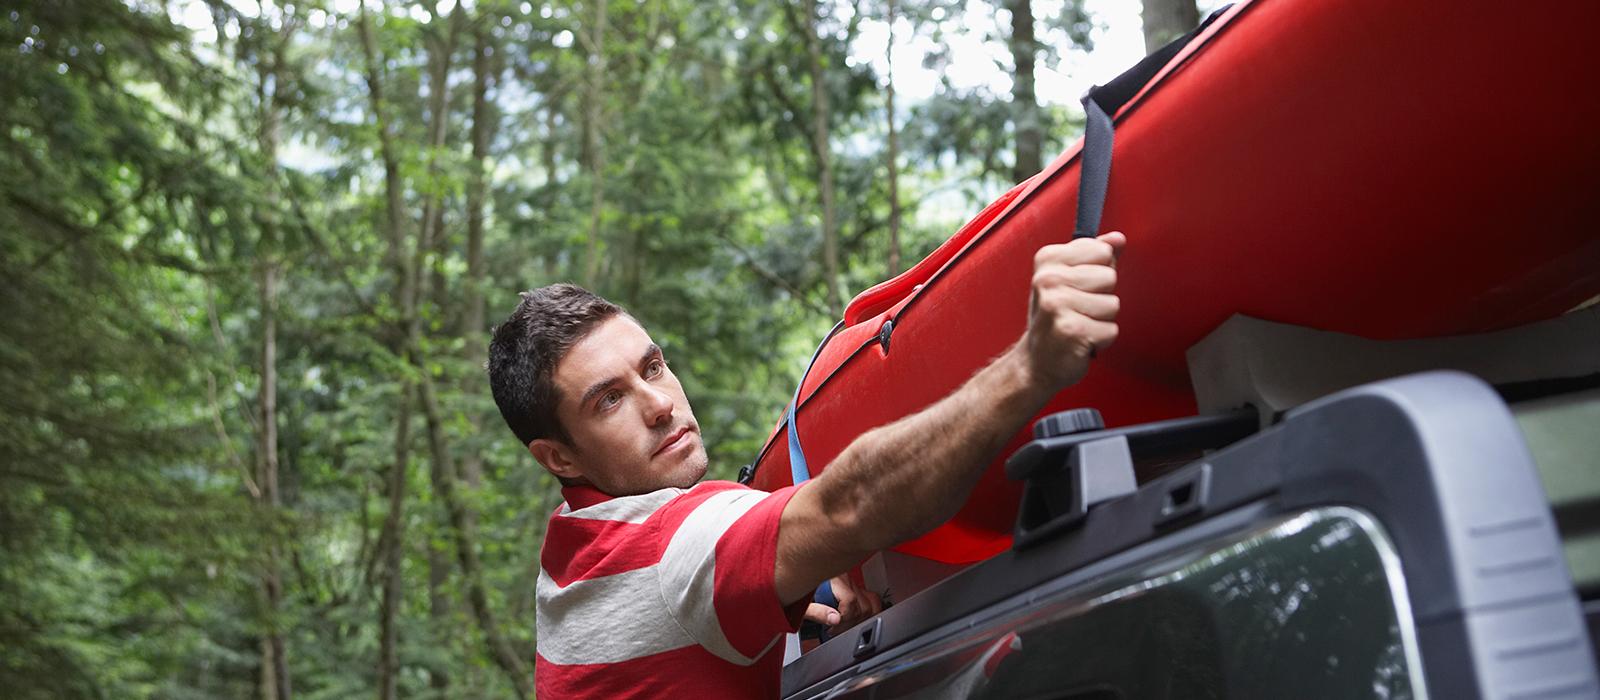 Man fastening a kayak to his car roof